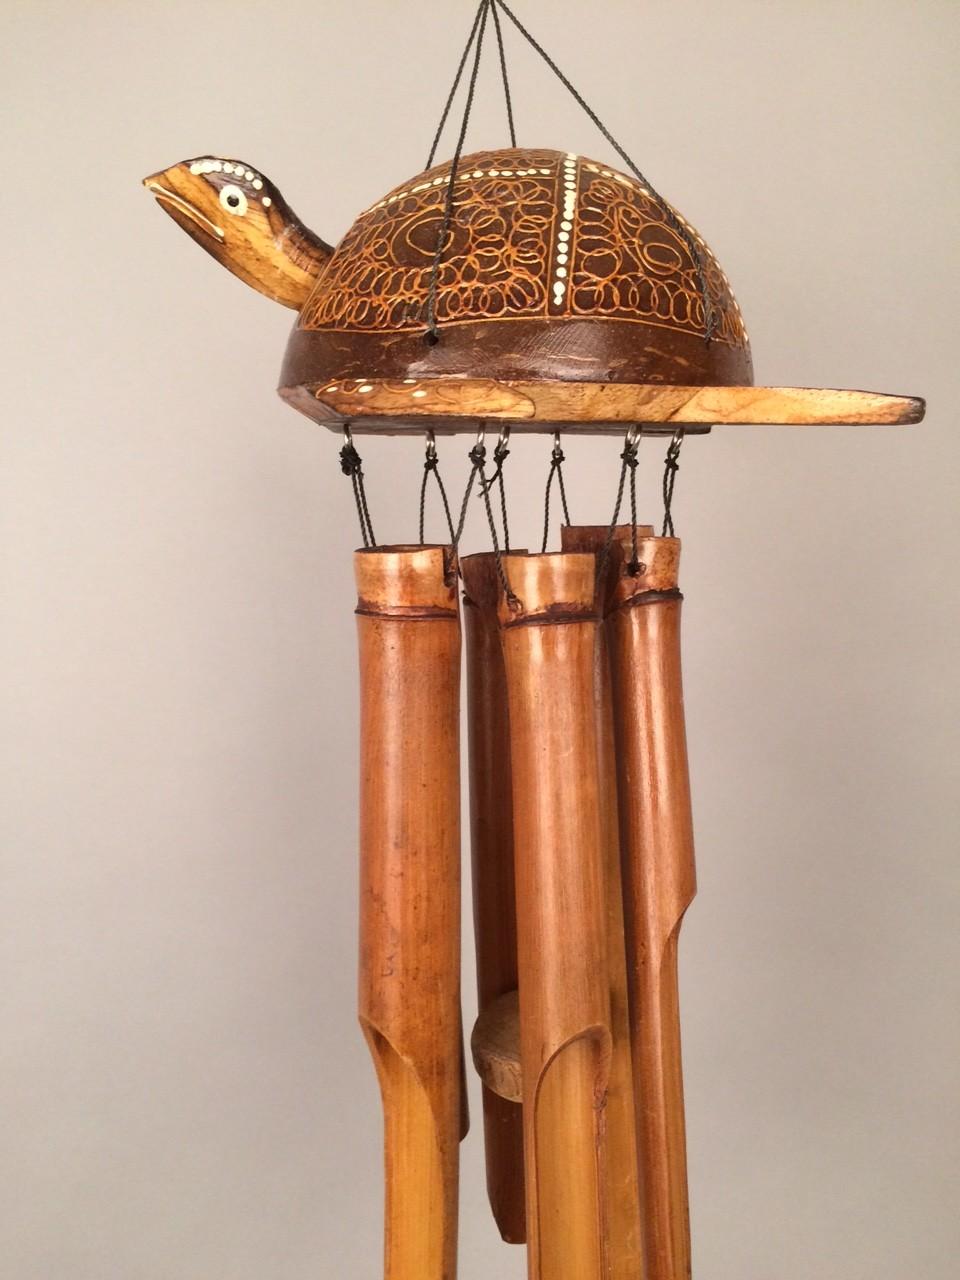 Schildpad bamboe windgong Schildpad bamboe windgong, handbeschilderd en gemaakt in Indonesië.